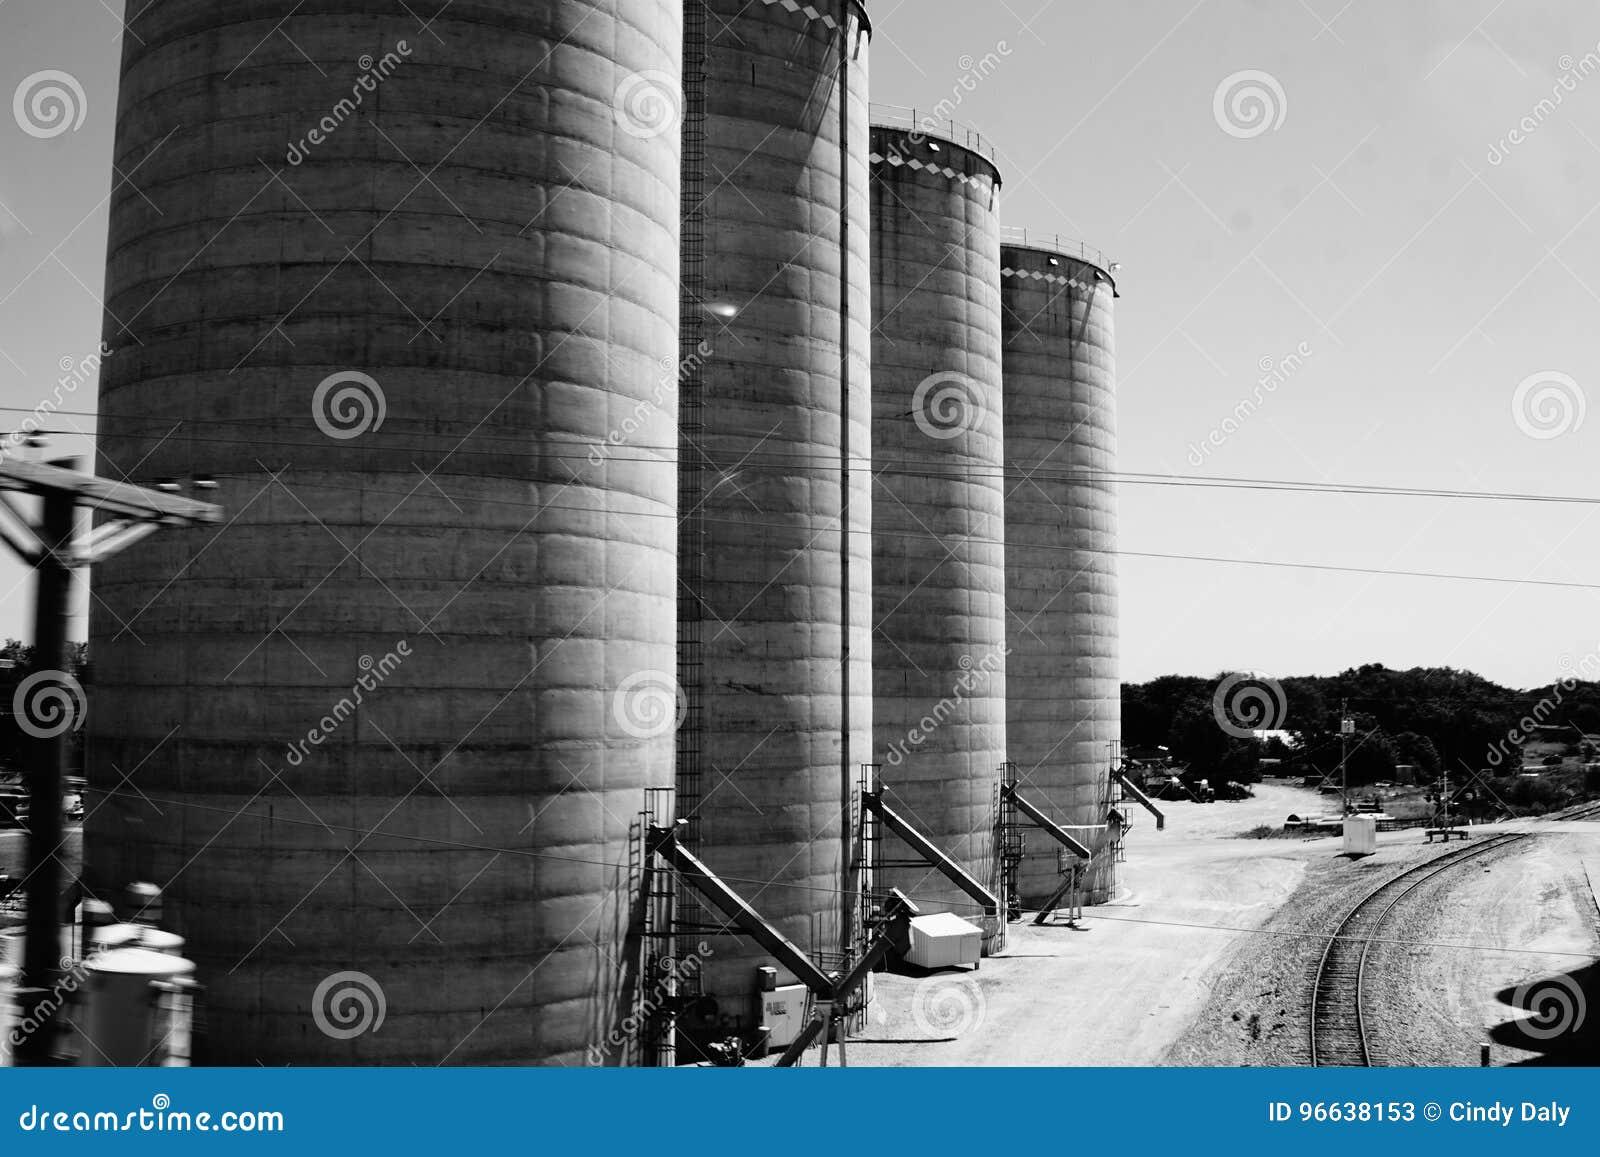 4 огромных силосохранилища в черно-белом